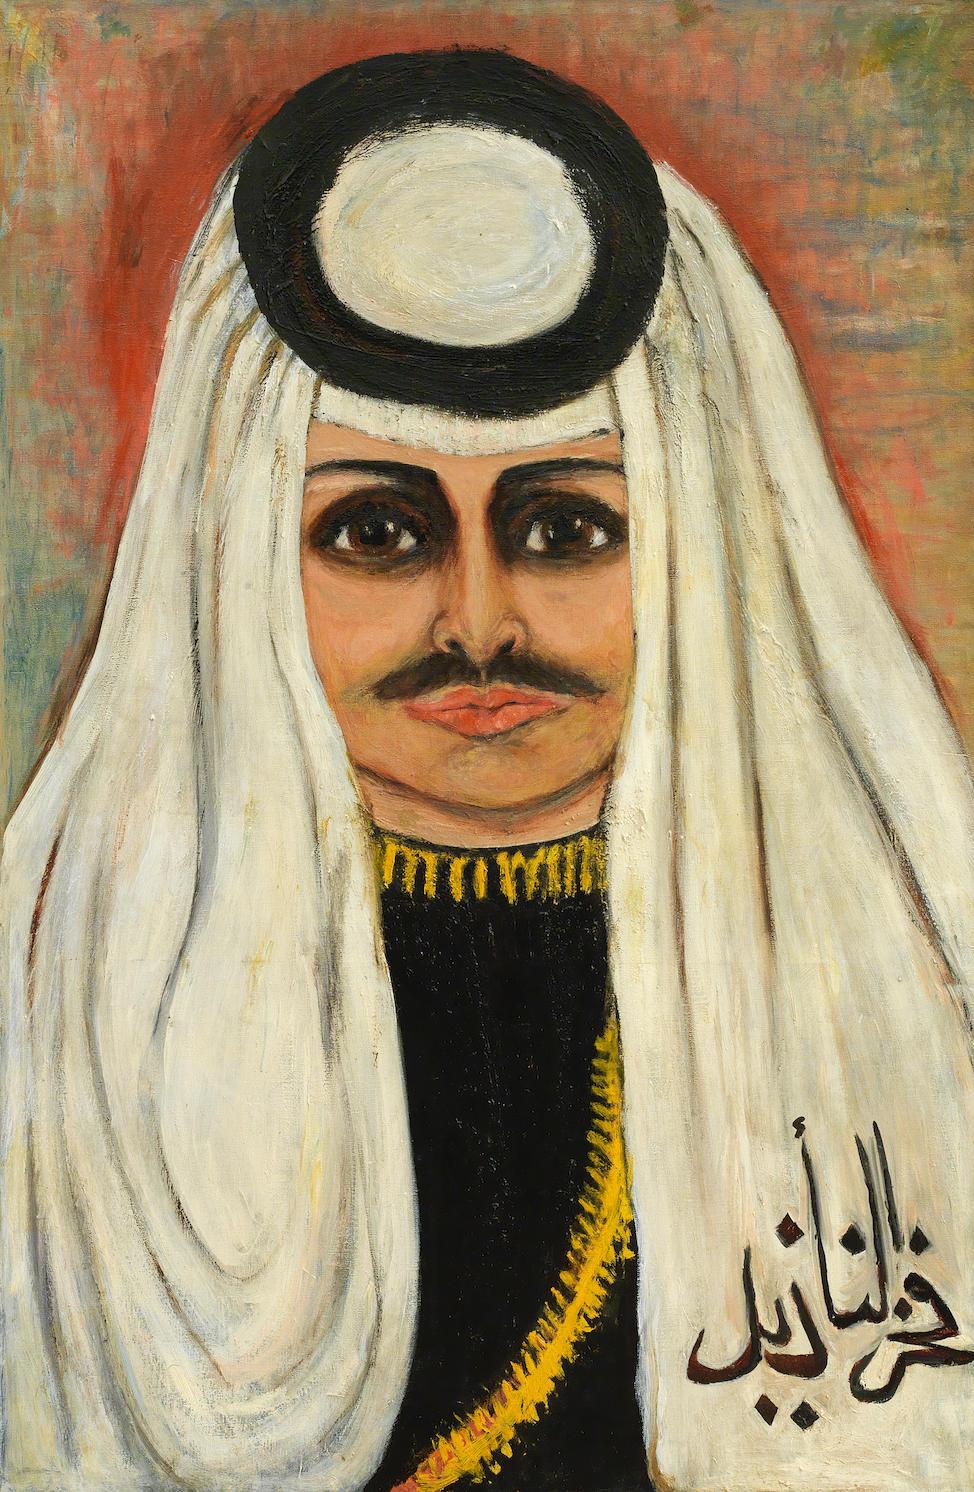 Fahr El-Nissa Zeid (Turkish, 1900-1991) Portrait of King Hussein of Jordan (Eternal Youth)